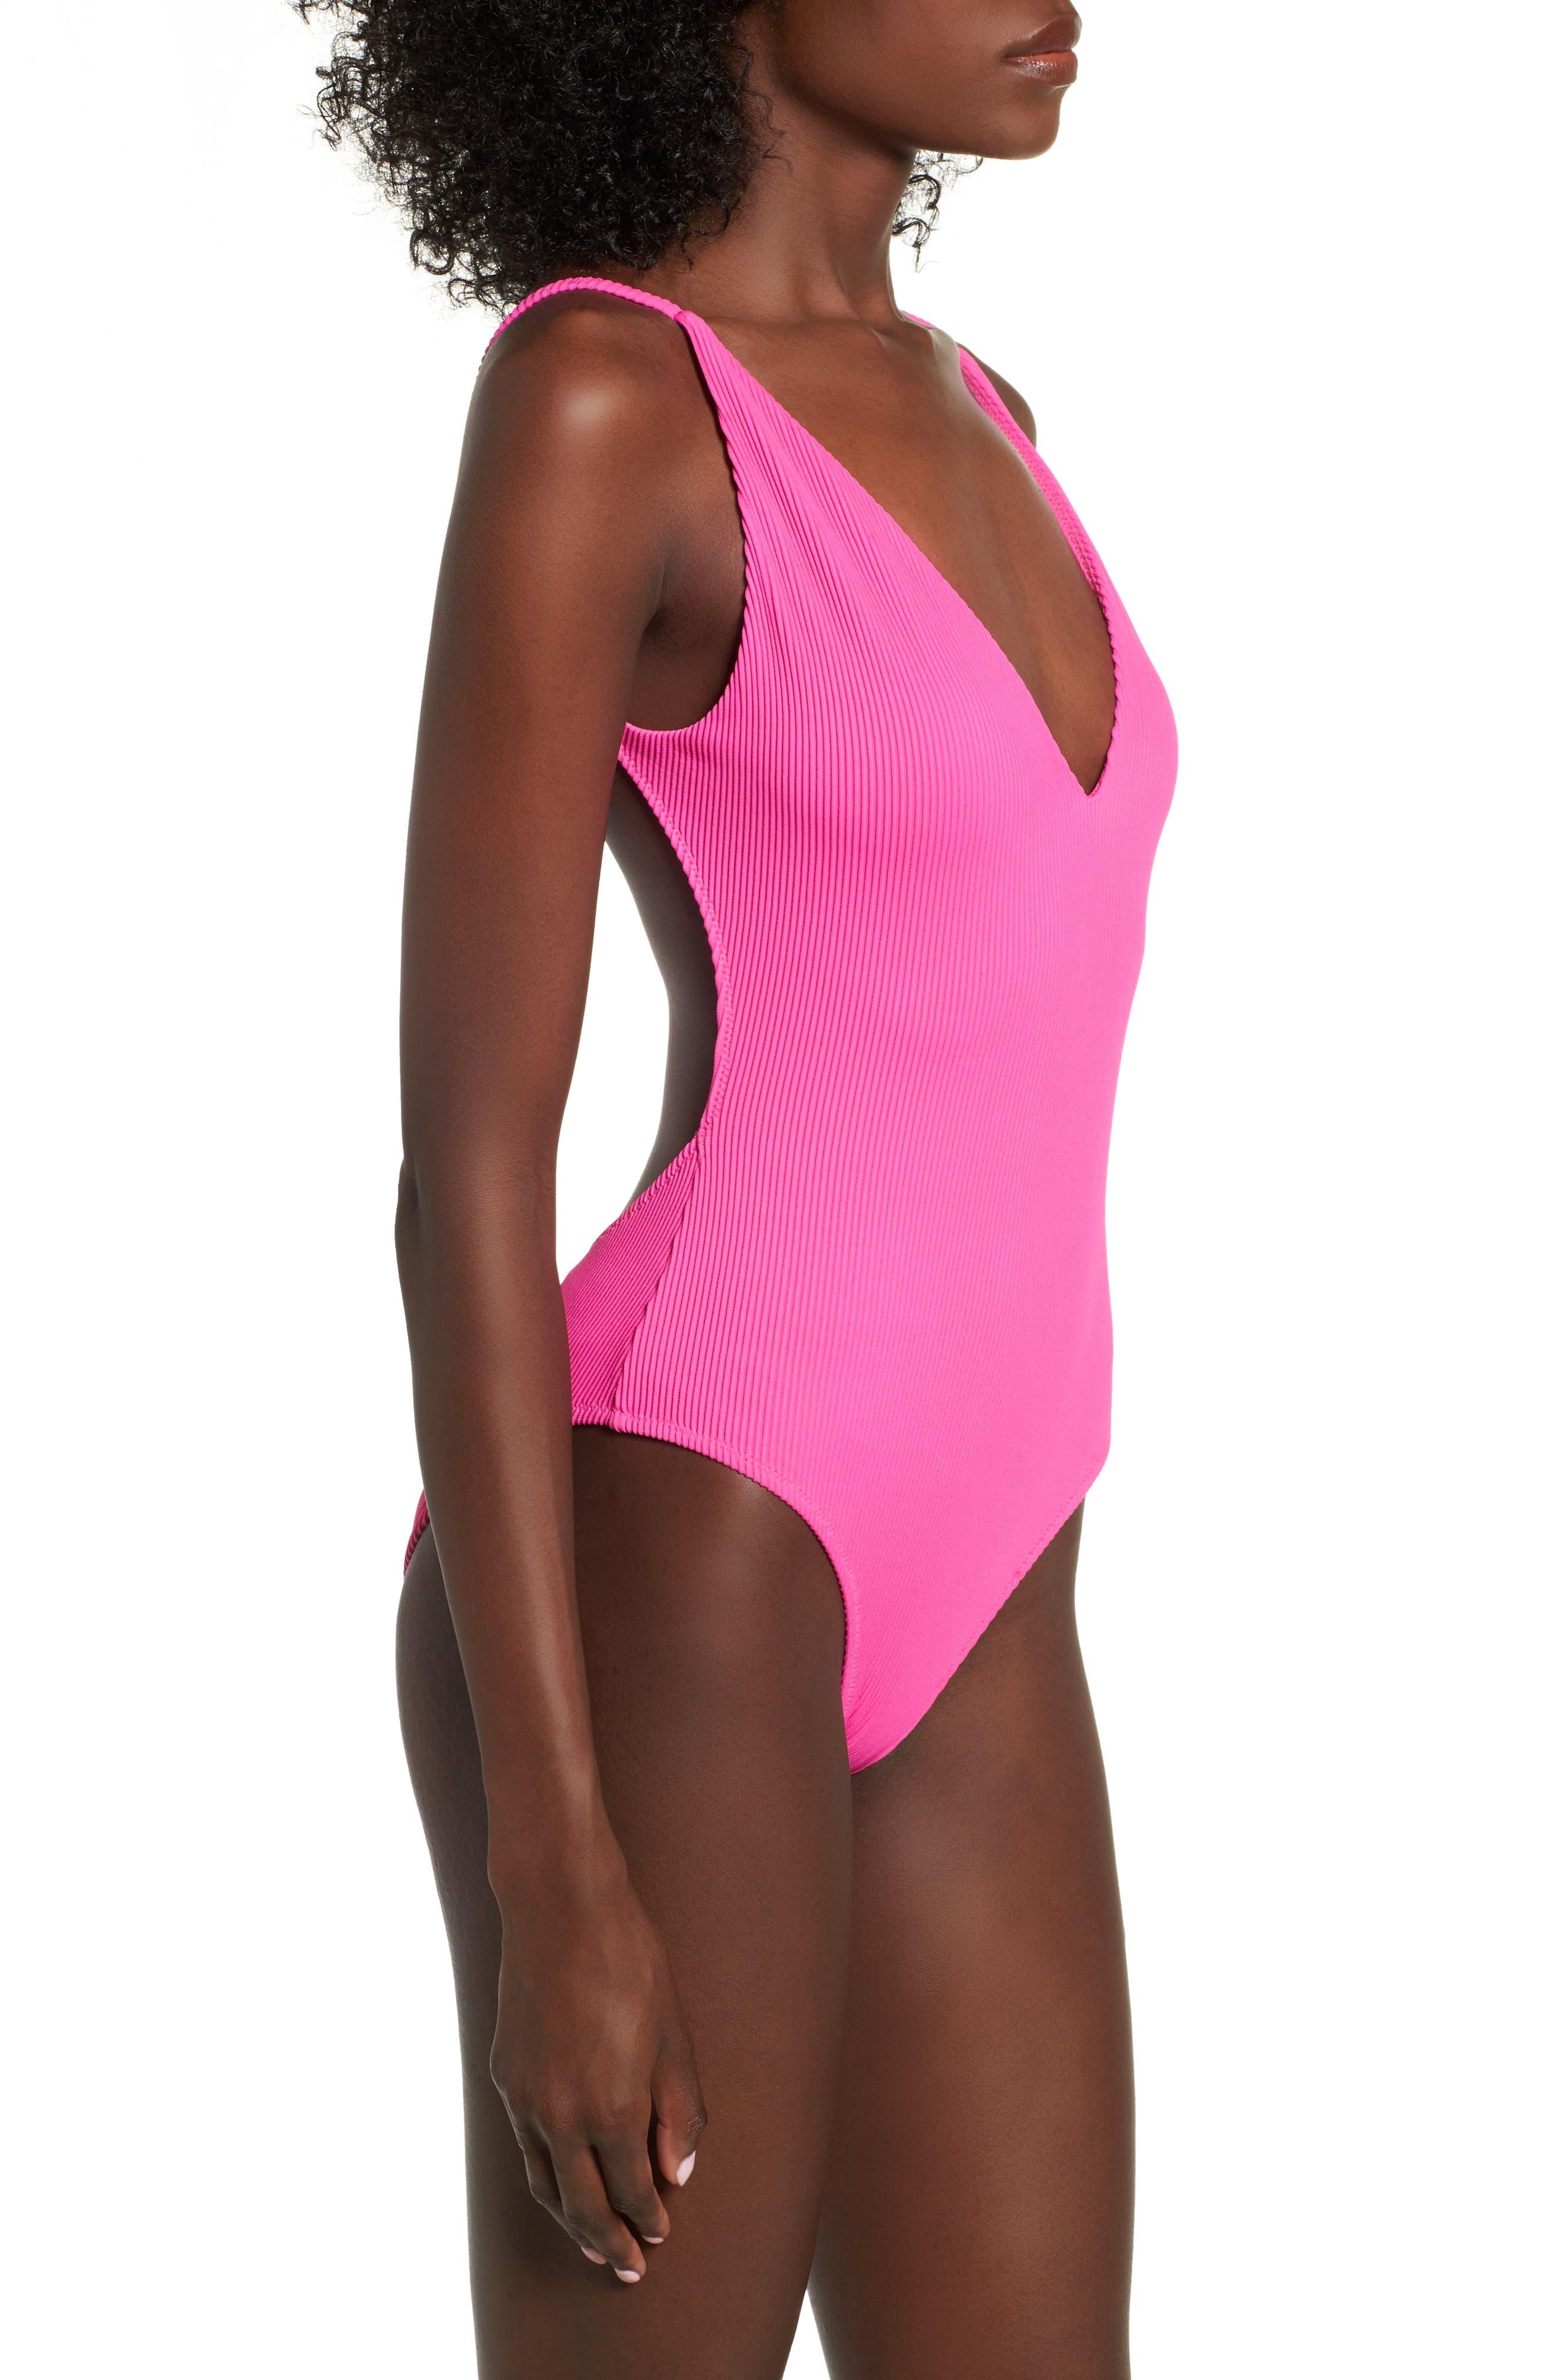 Pamela One-Piece Swimsuit,                             Alternate thumbnail 3, color,                             650